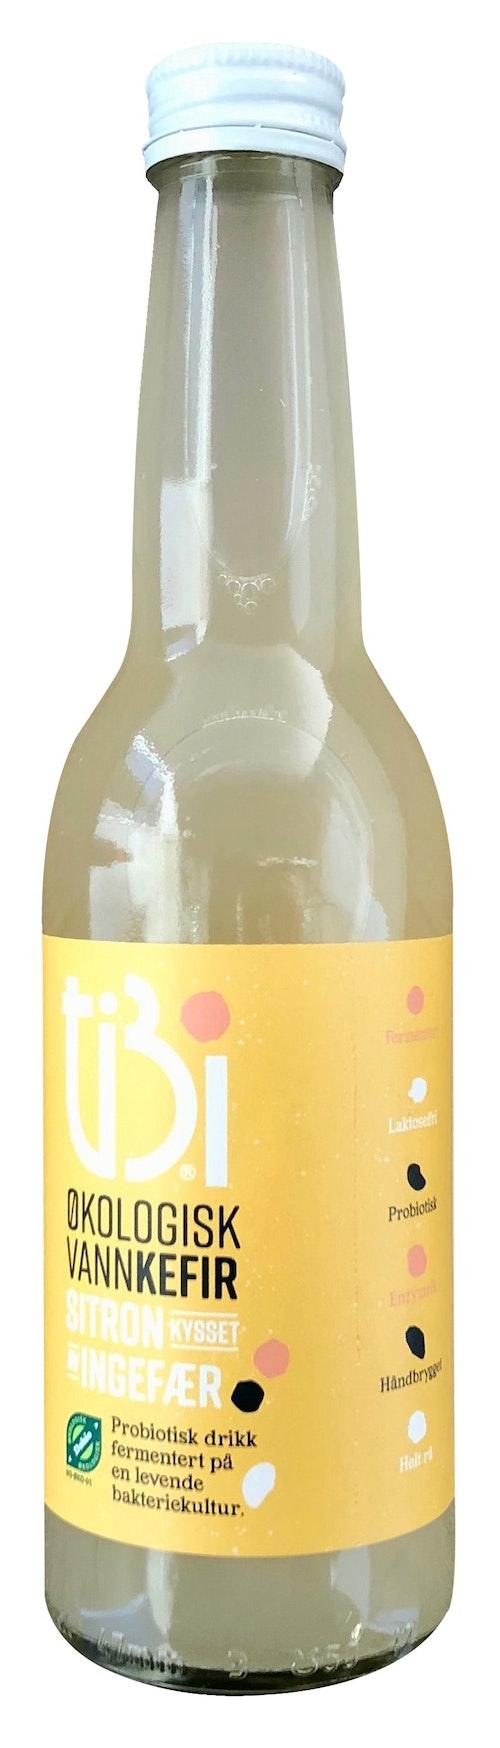 Tibi Vannkefir Vannkefir Sitron og Ingefær 330 ml